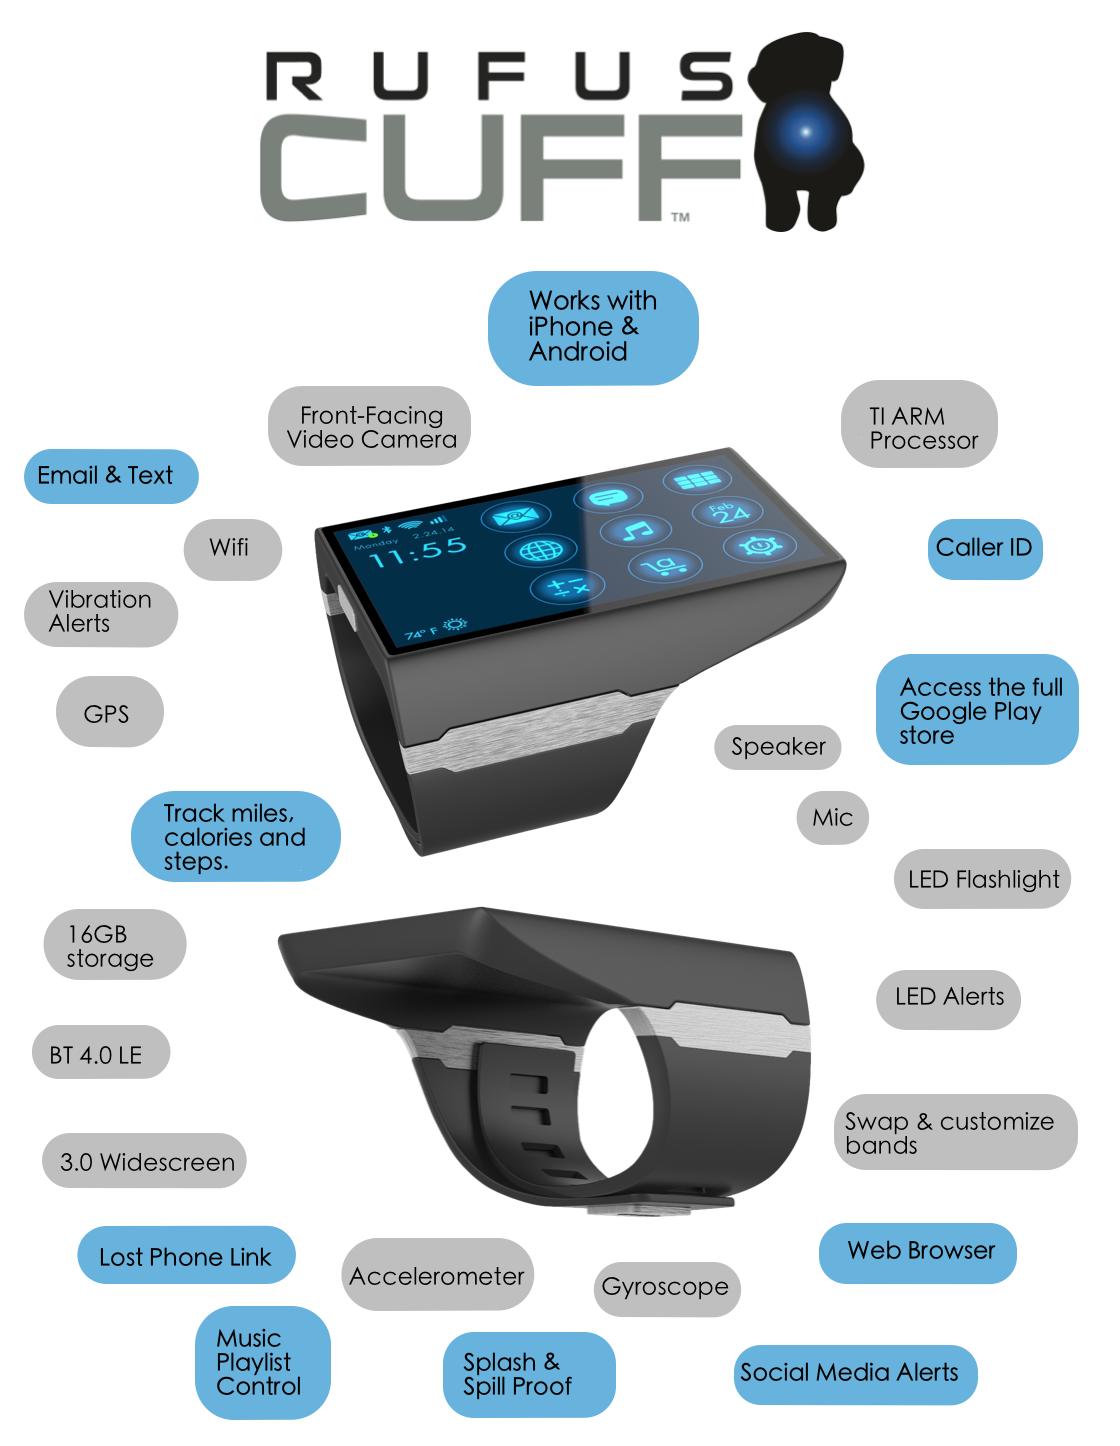 Rufus Cuff Monster: Indiscreto Smartwatch con pantalla de 3″